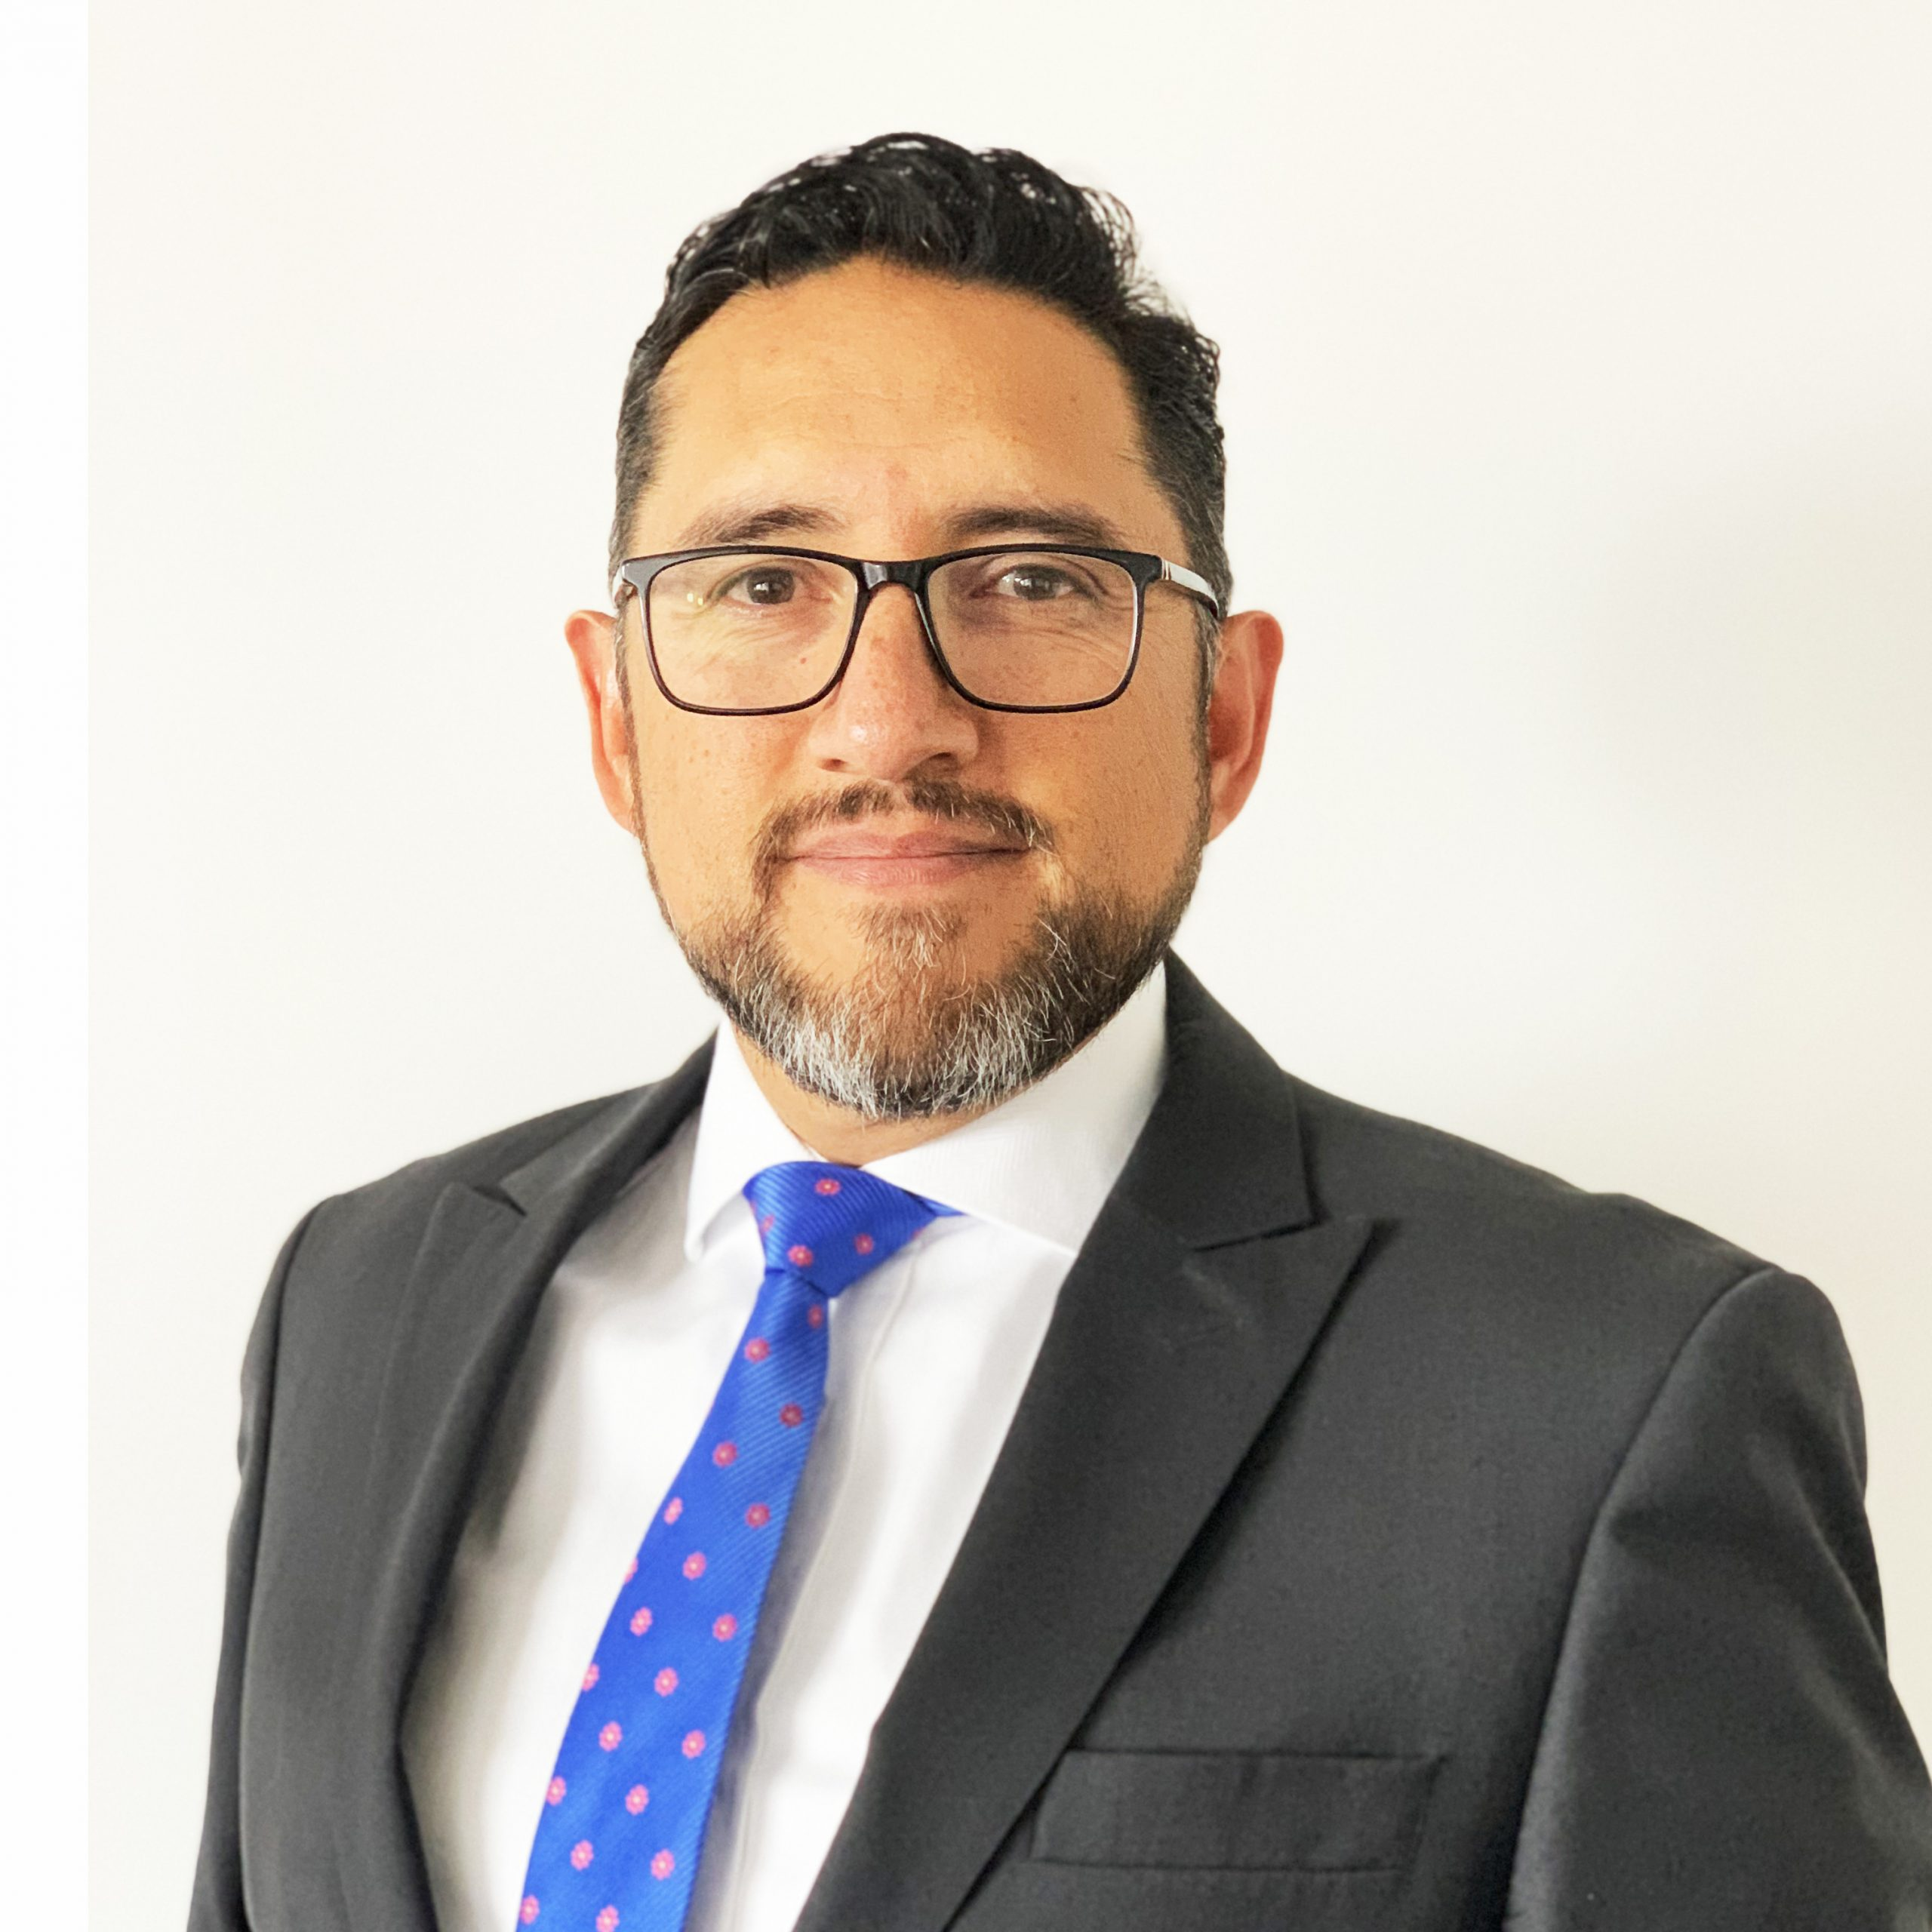 Fotografía de Simón Guzmán